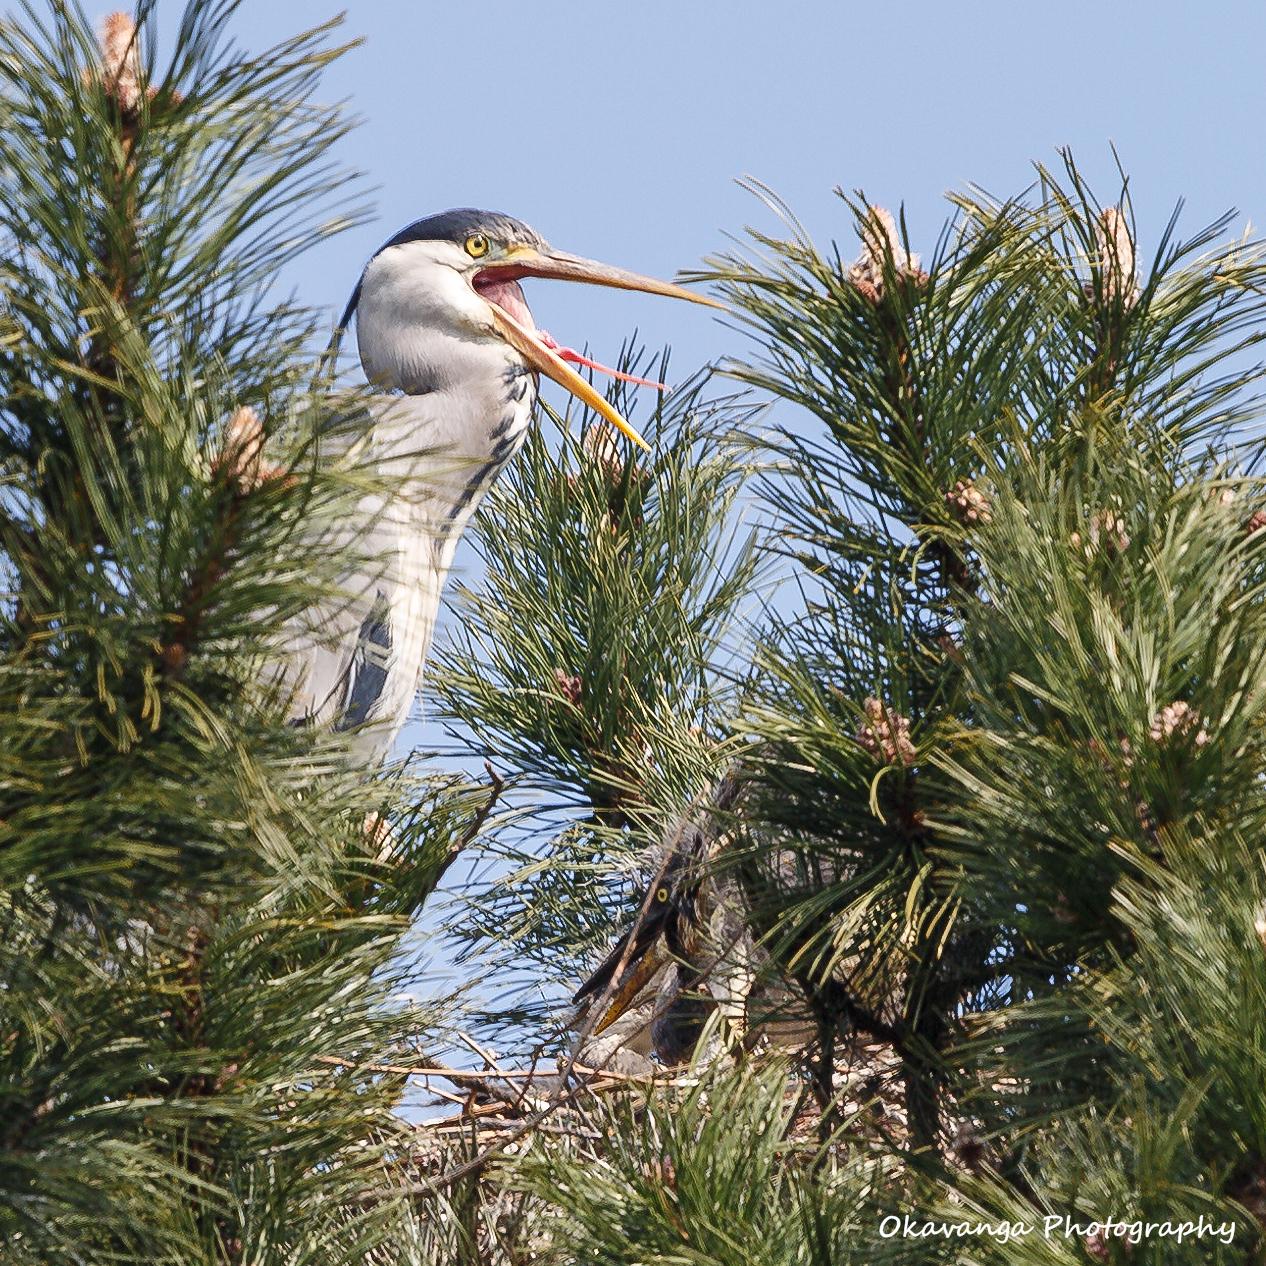 Heron 8 - Calling to Her Mate by Okavanga